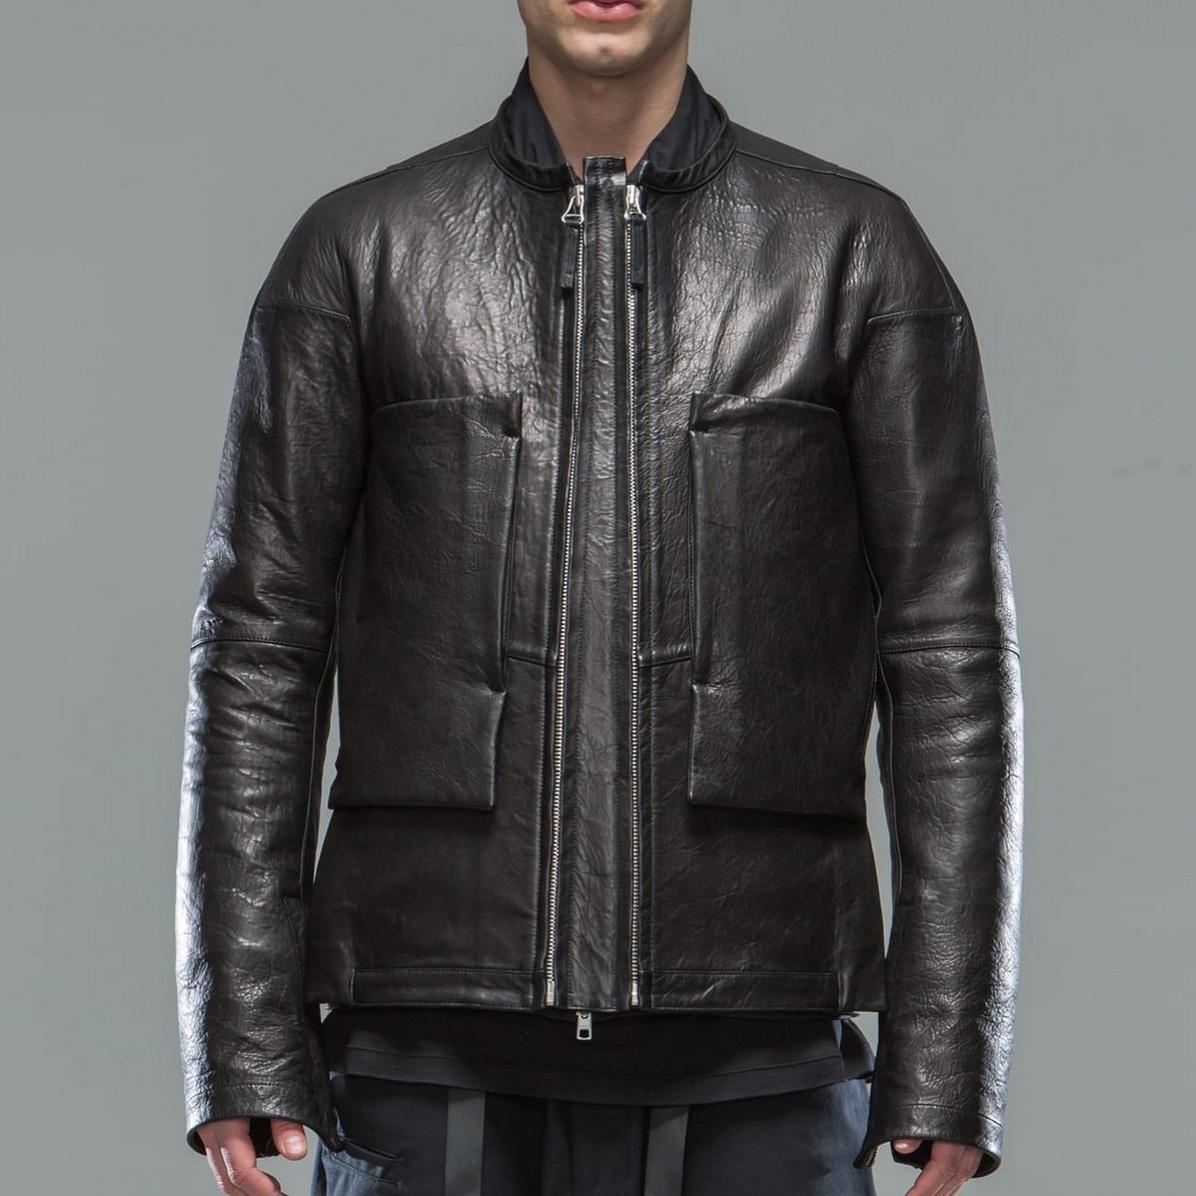 Acronym x Neman J40-L jacket